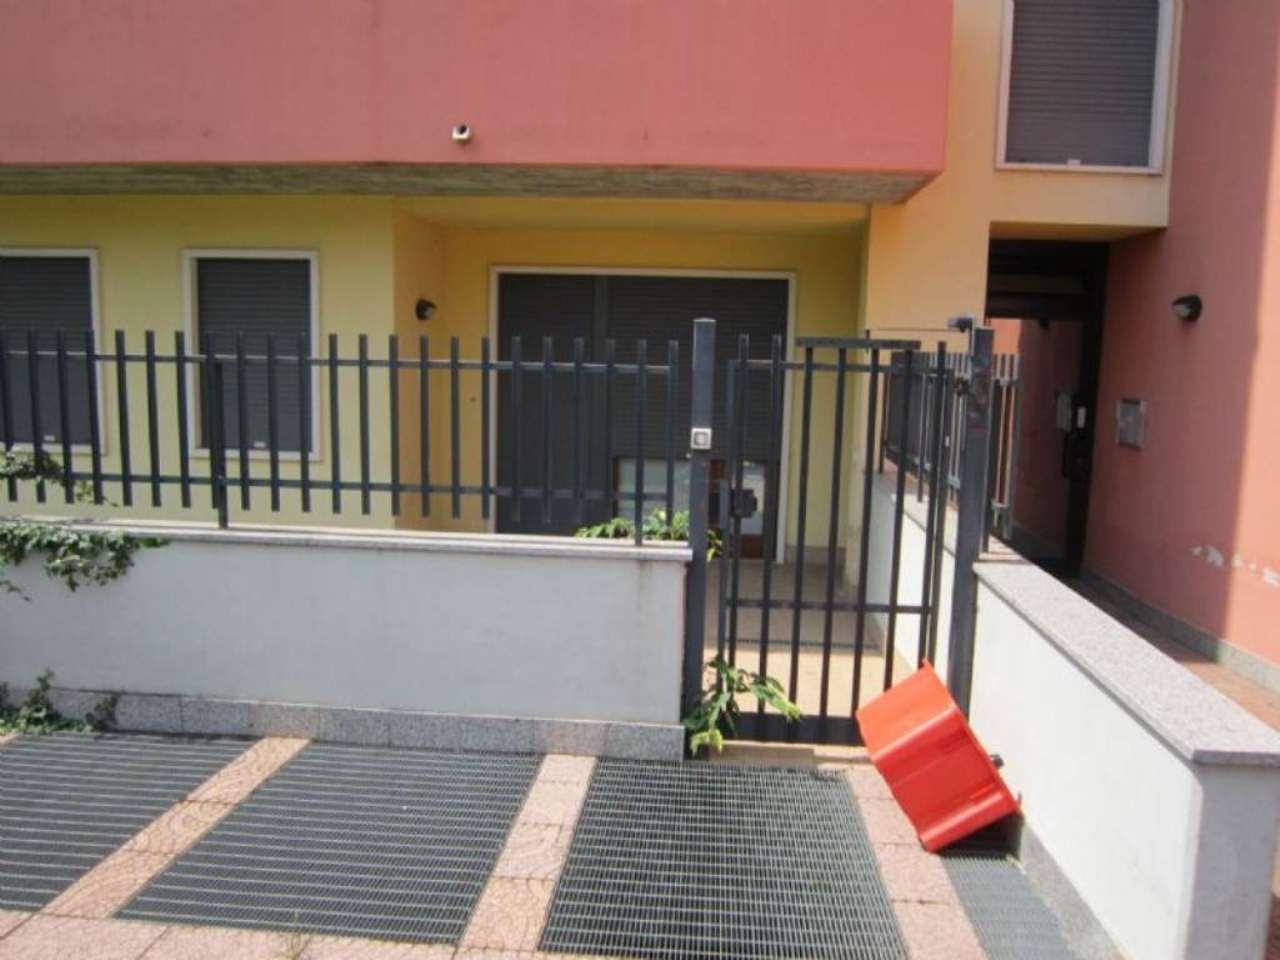 Ufficio / Studio in affitto a Verona, 1 locali, zona Zona: 10 . Borgo Roma - Ca' di David - Palazzina - Zai, prezzo € 350 | Cambio Casa.it